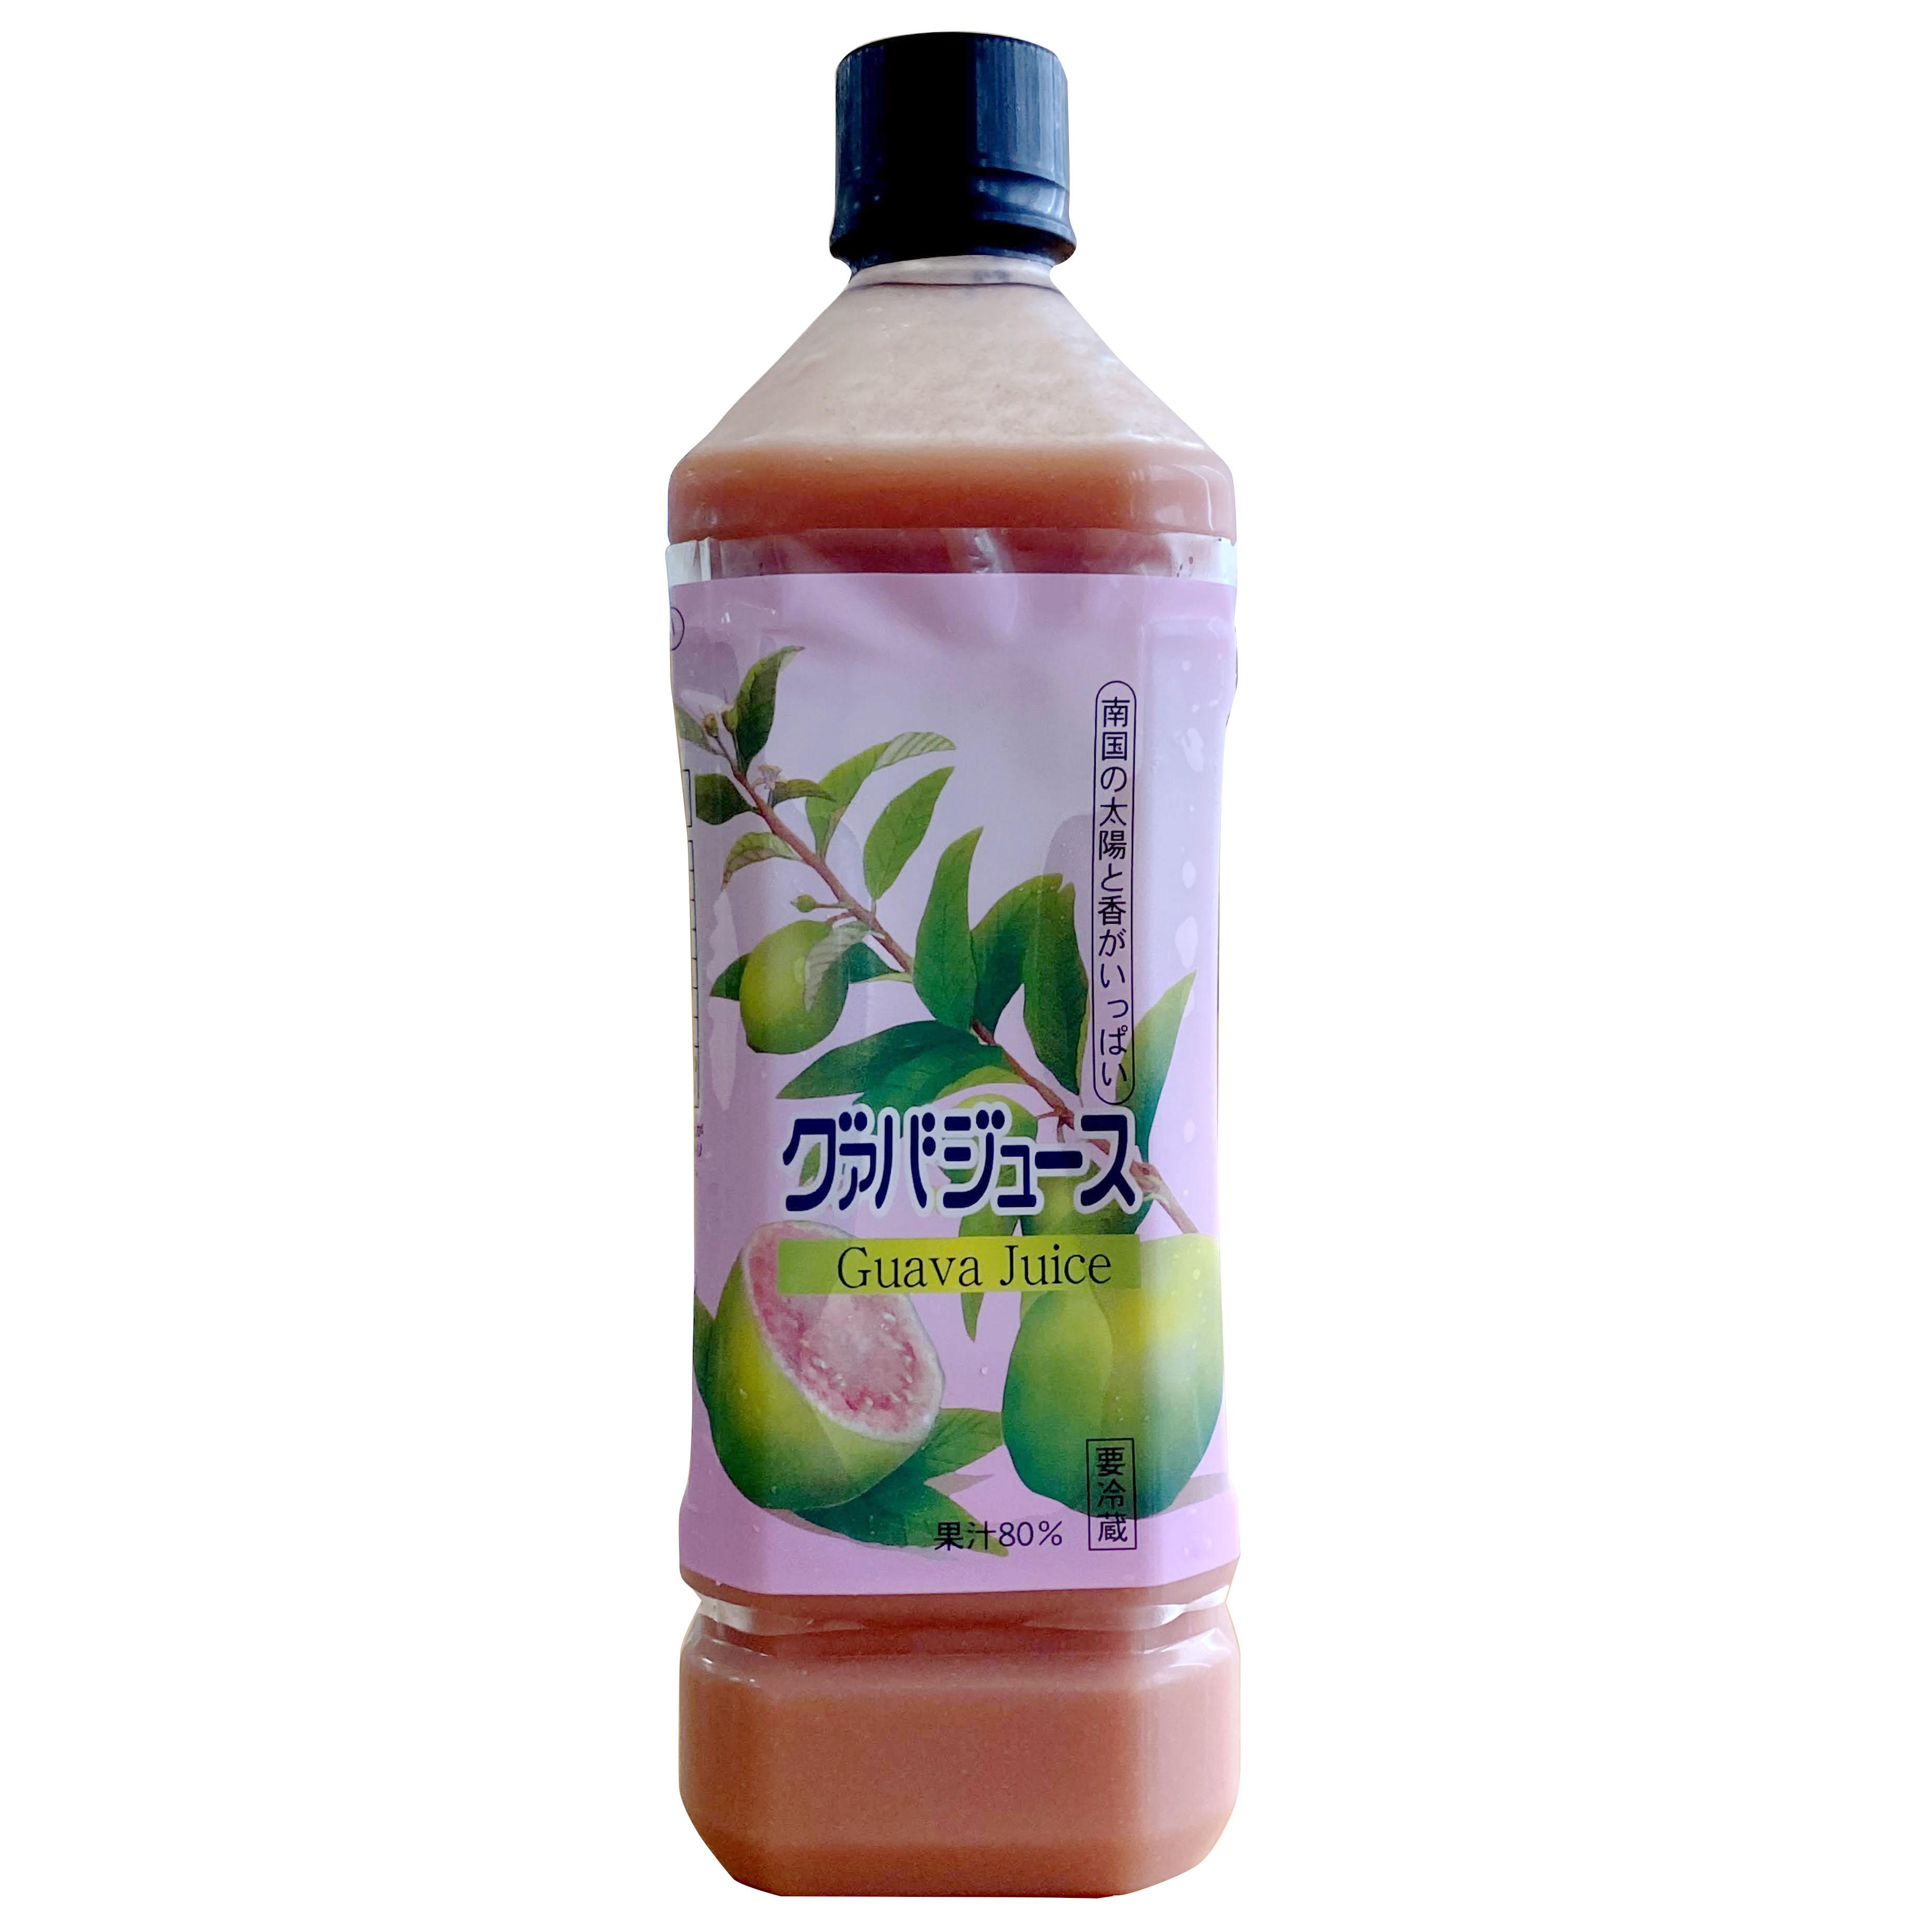 福留果樹園グァバジュース